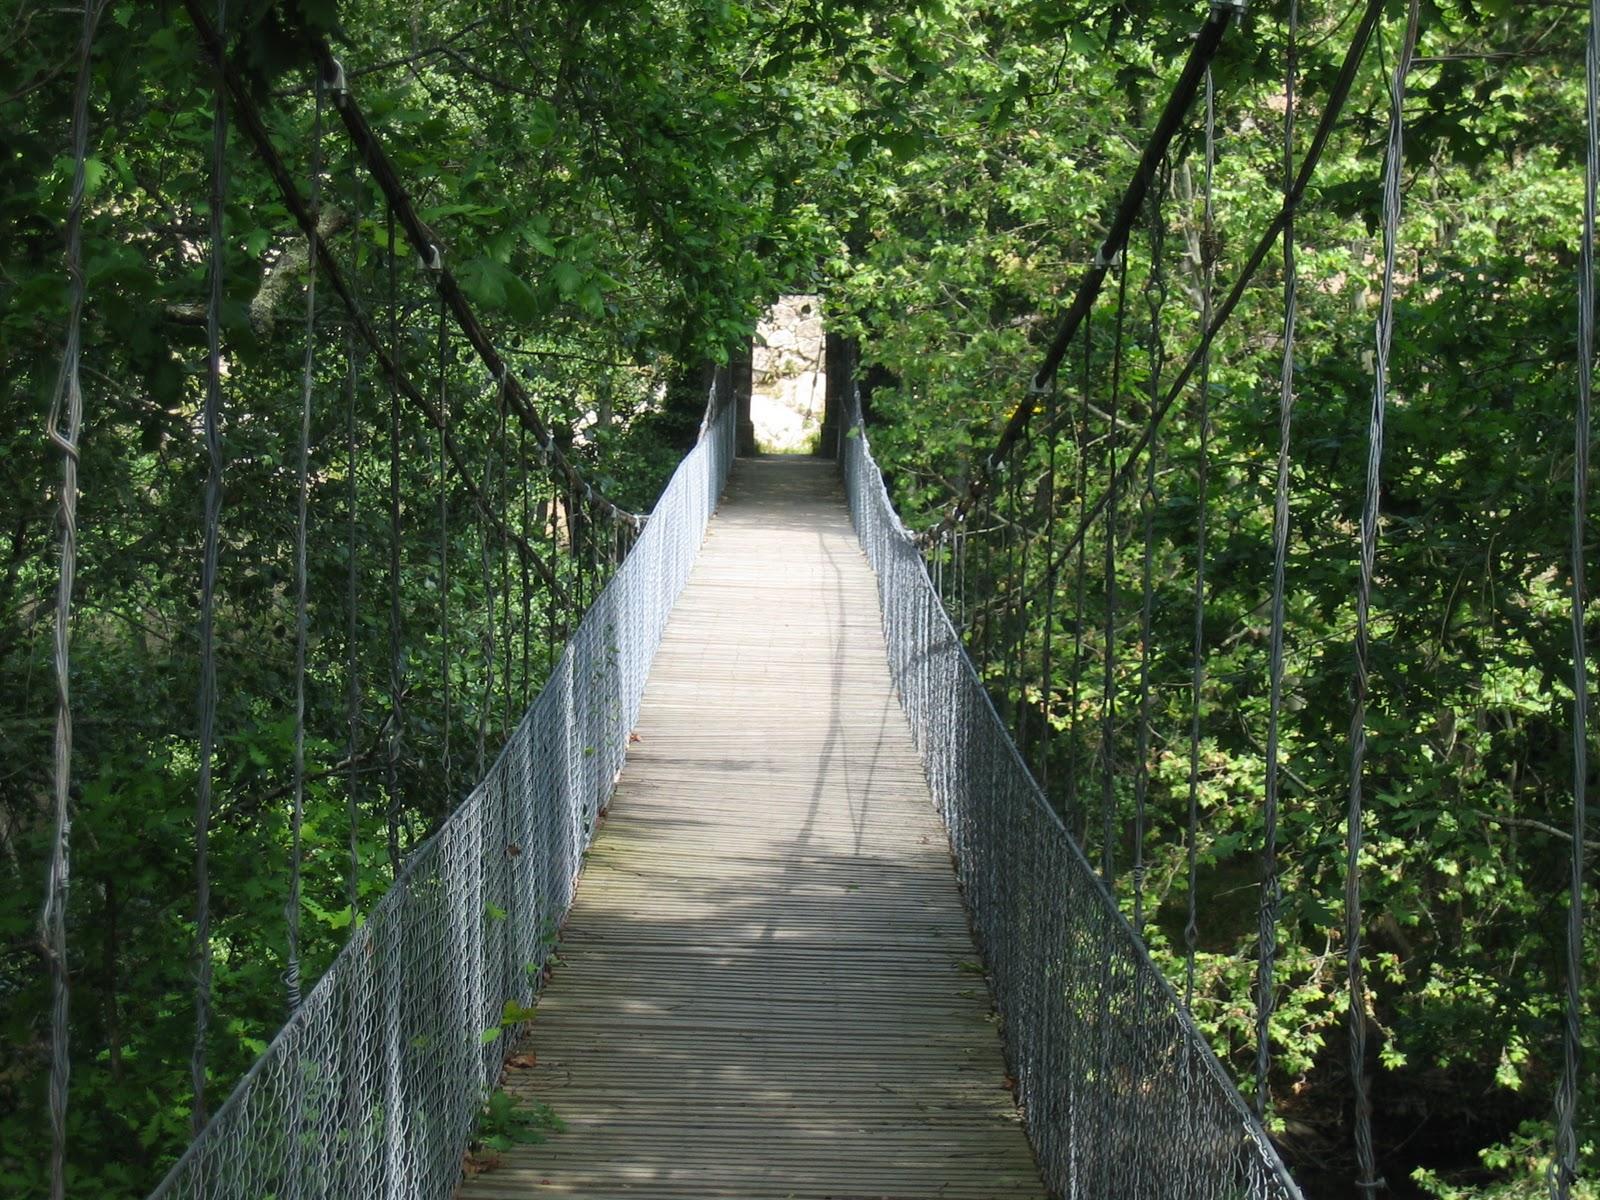 Ponte-de-Arame-Ribeira-de-Pena-1